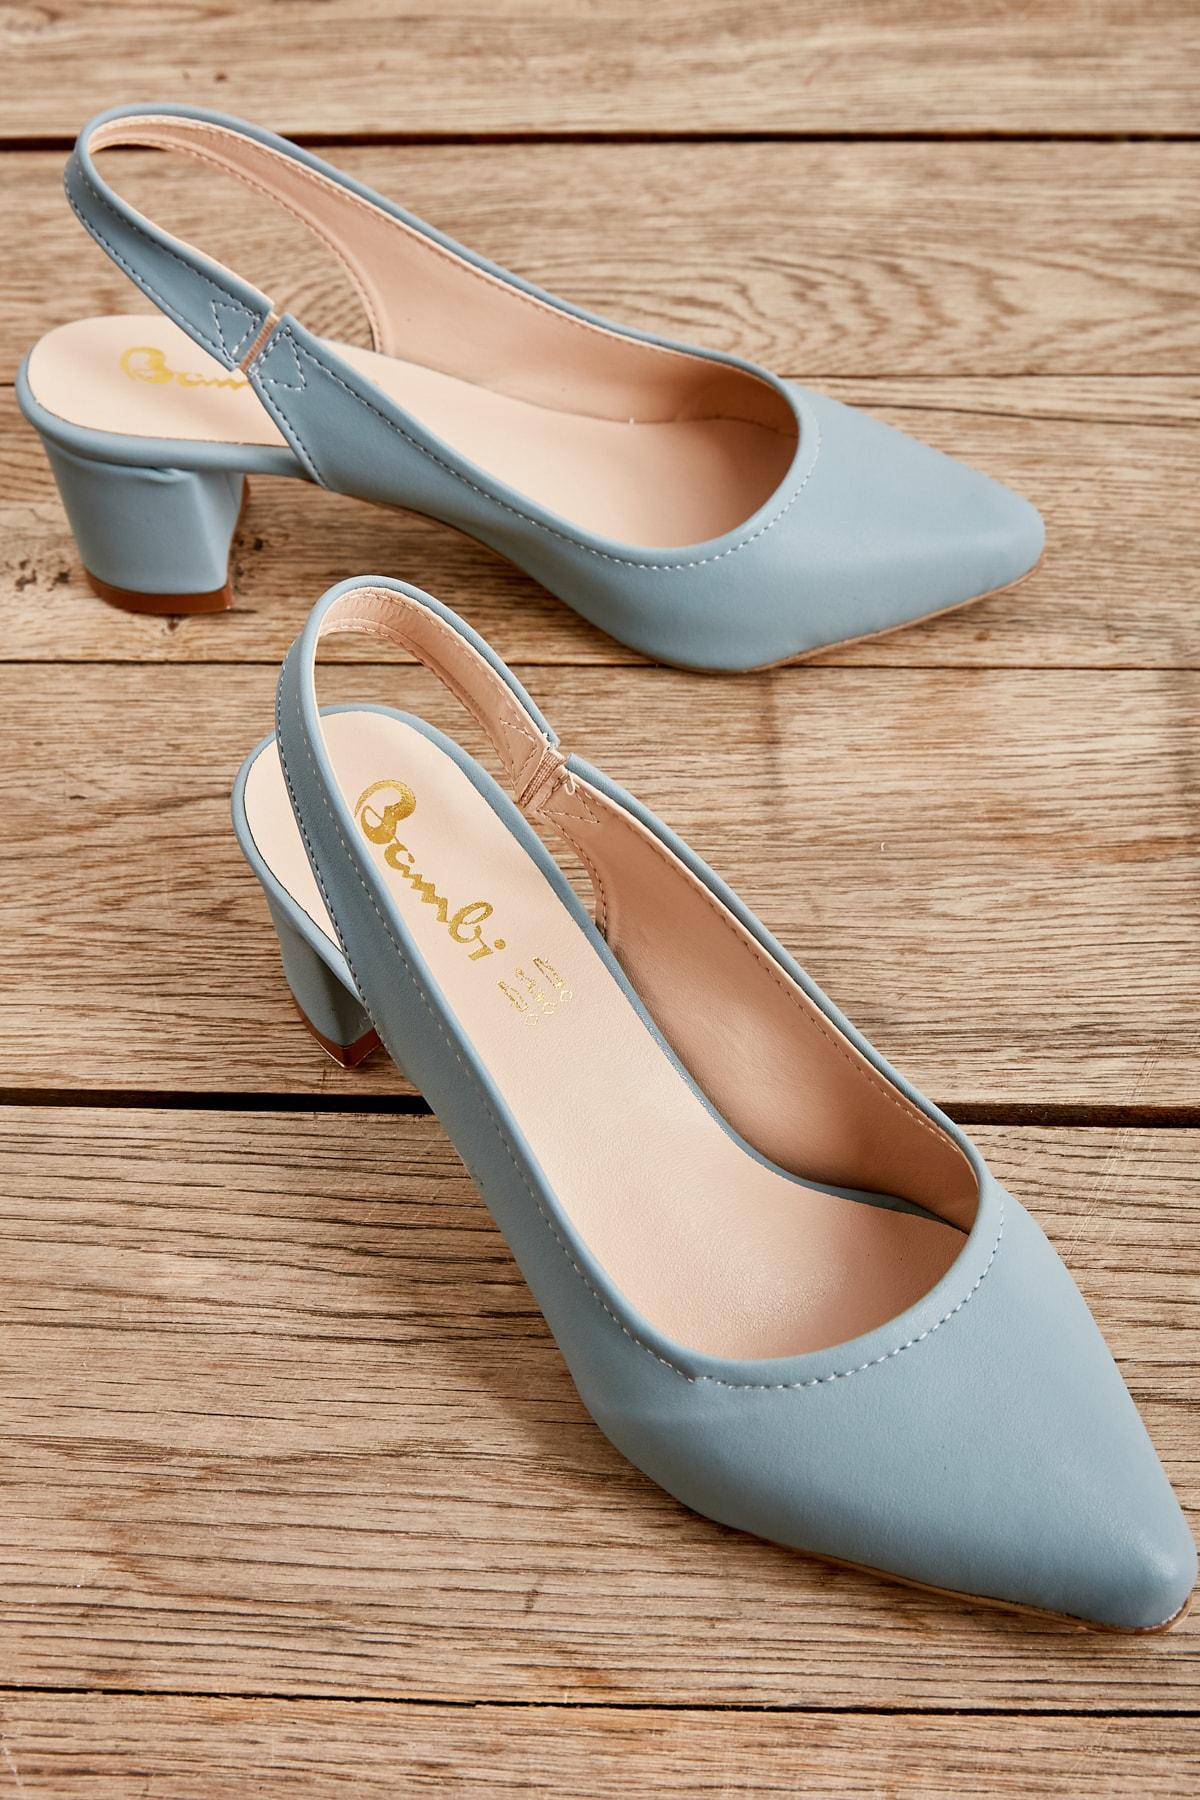 Mavi Nubuk Kadın Klasik Topuklu Ayakkabı K01503721071